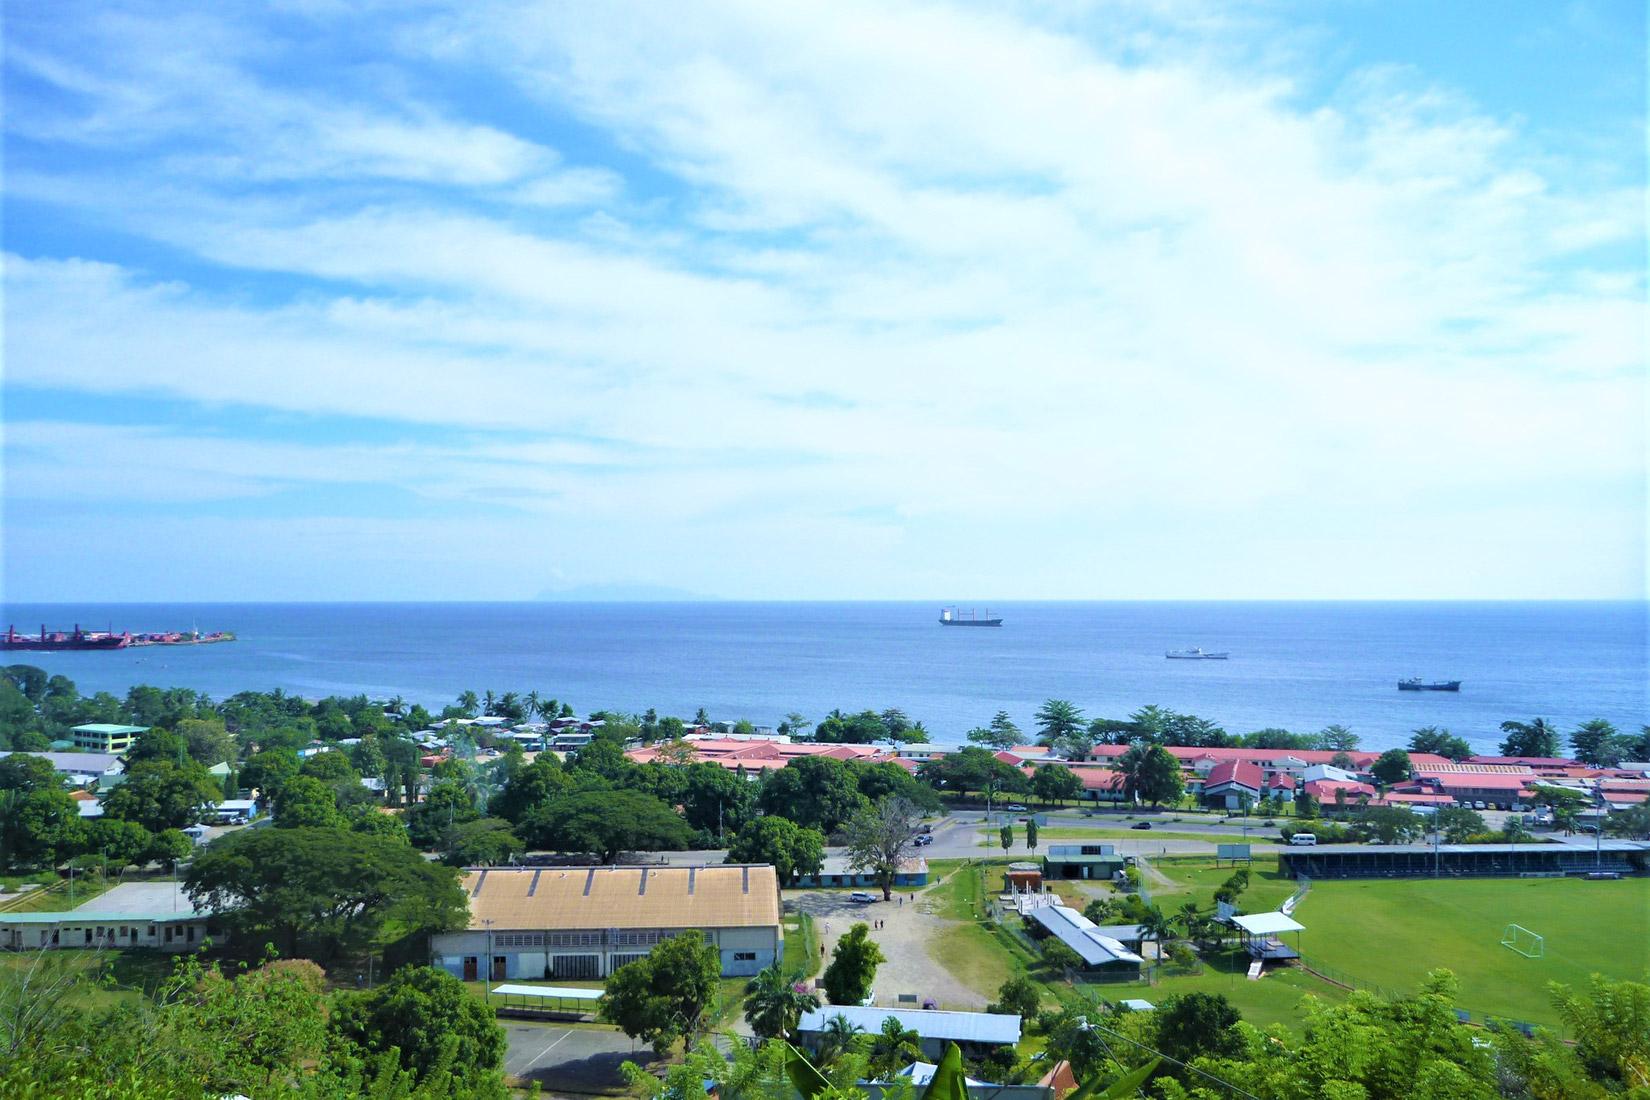 (1)ソロモン諸島